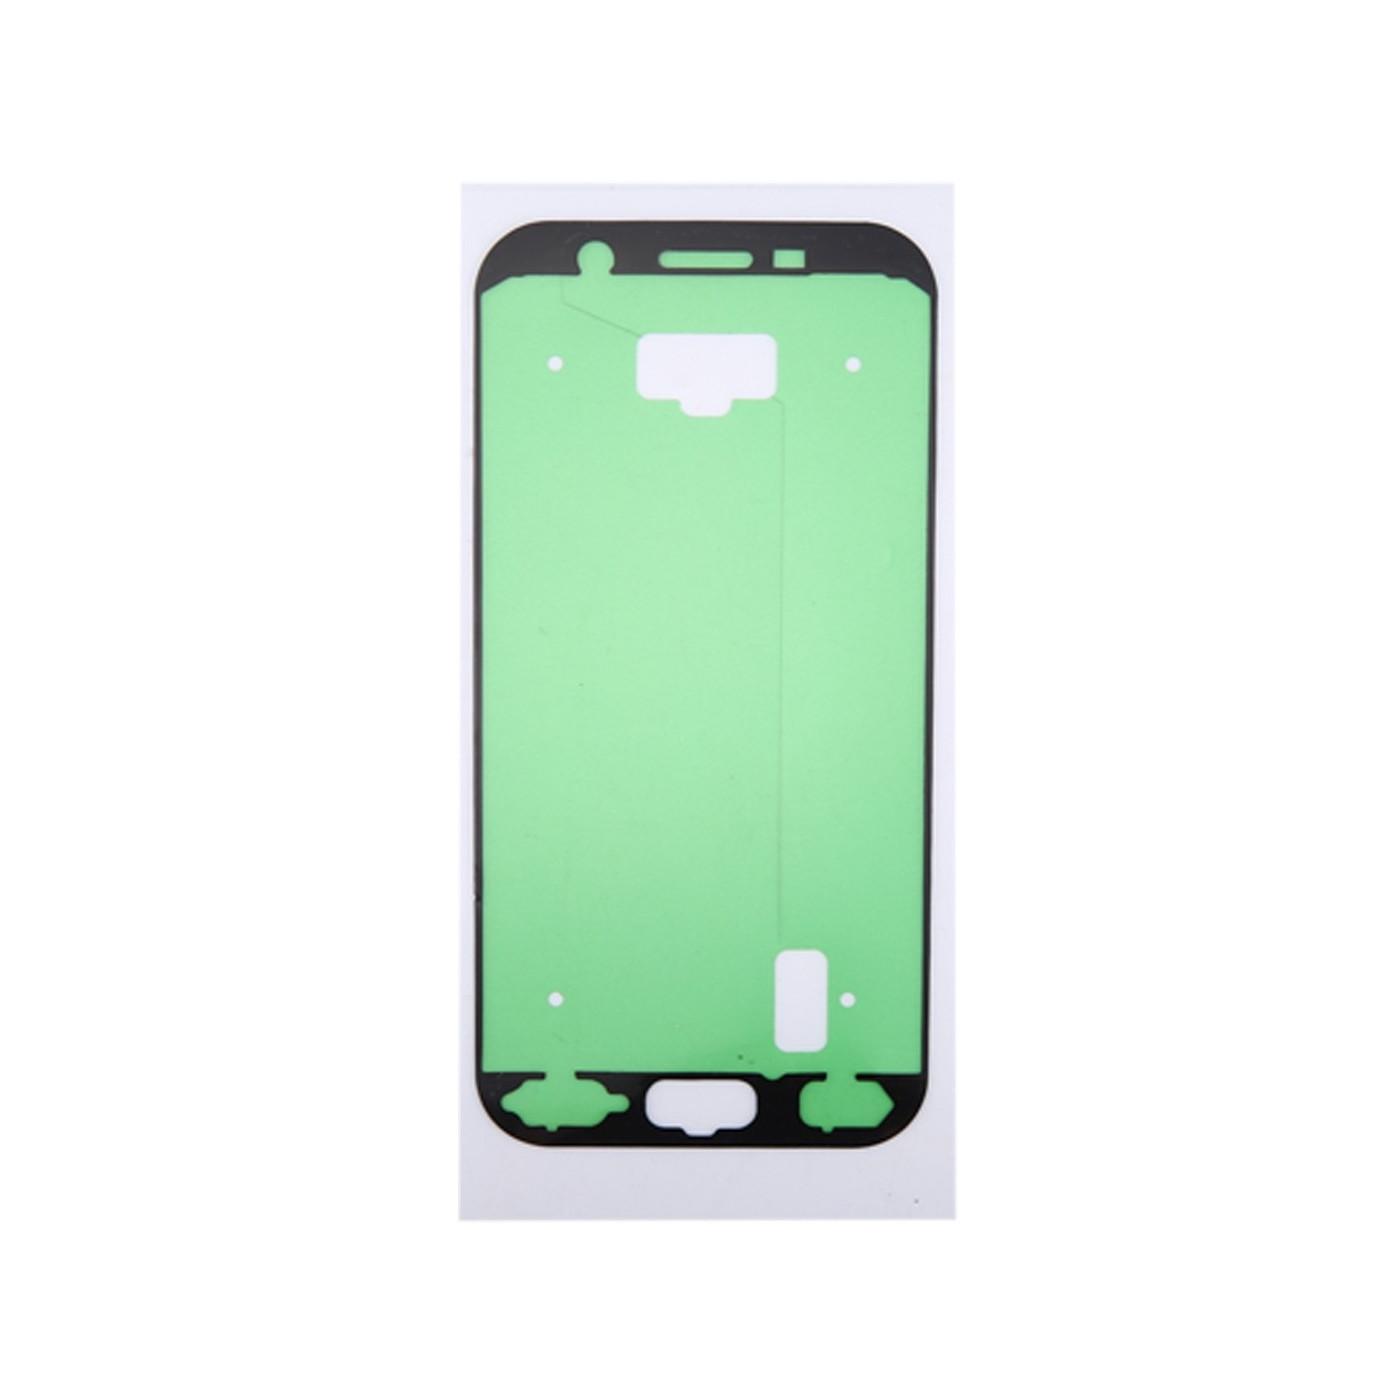 Doppelseitige klebstoff für Samsung Galaxy A5 2017 A520 glas touchscreen aufkleber display